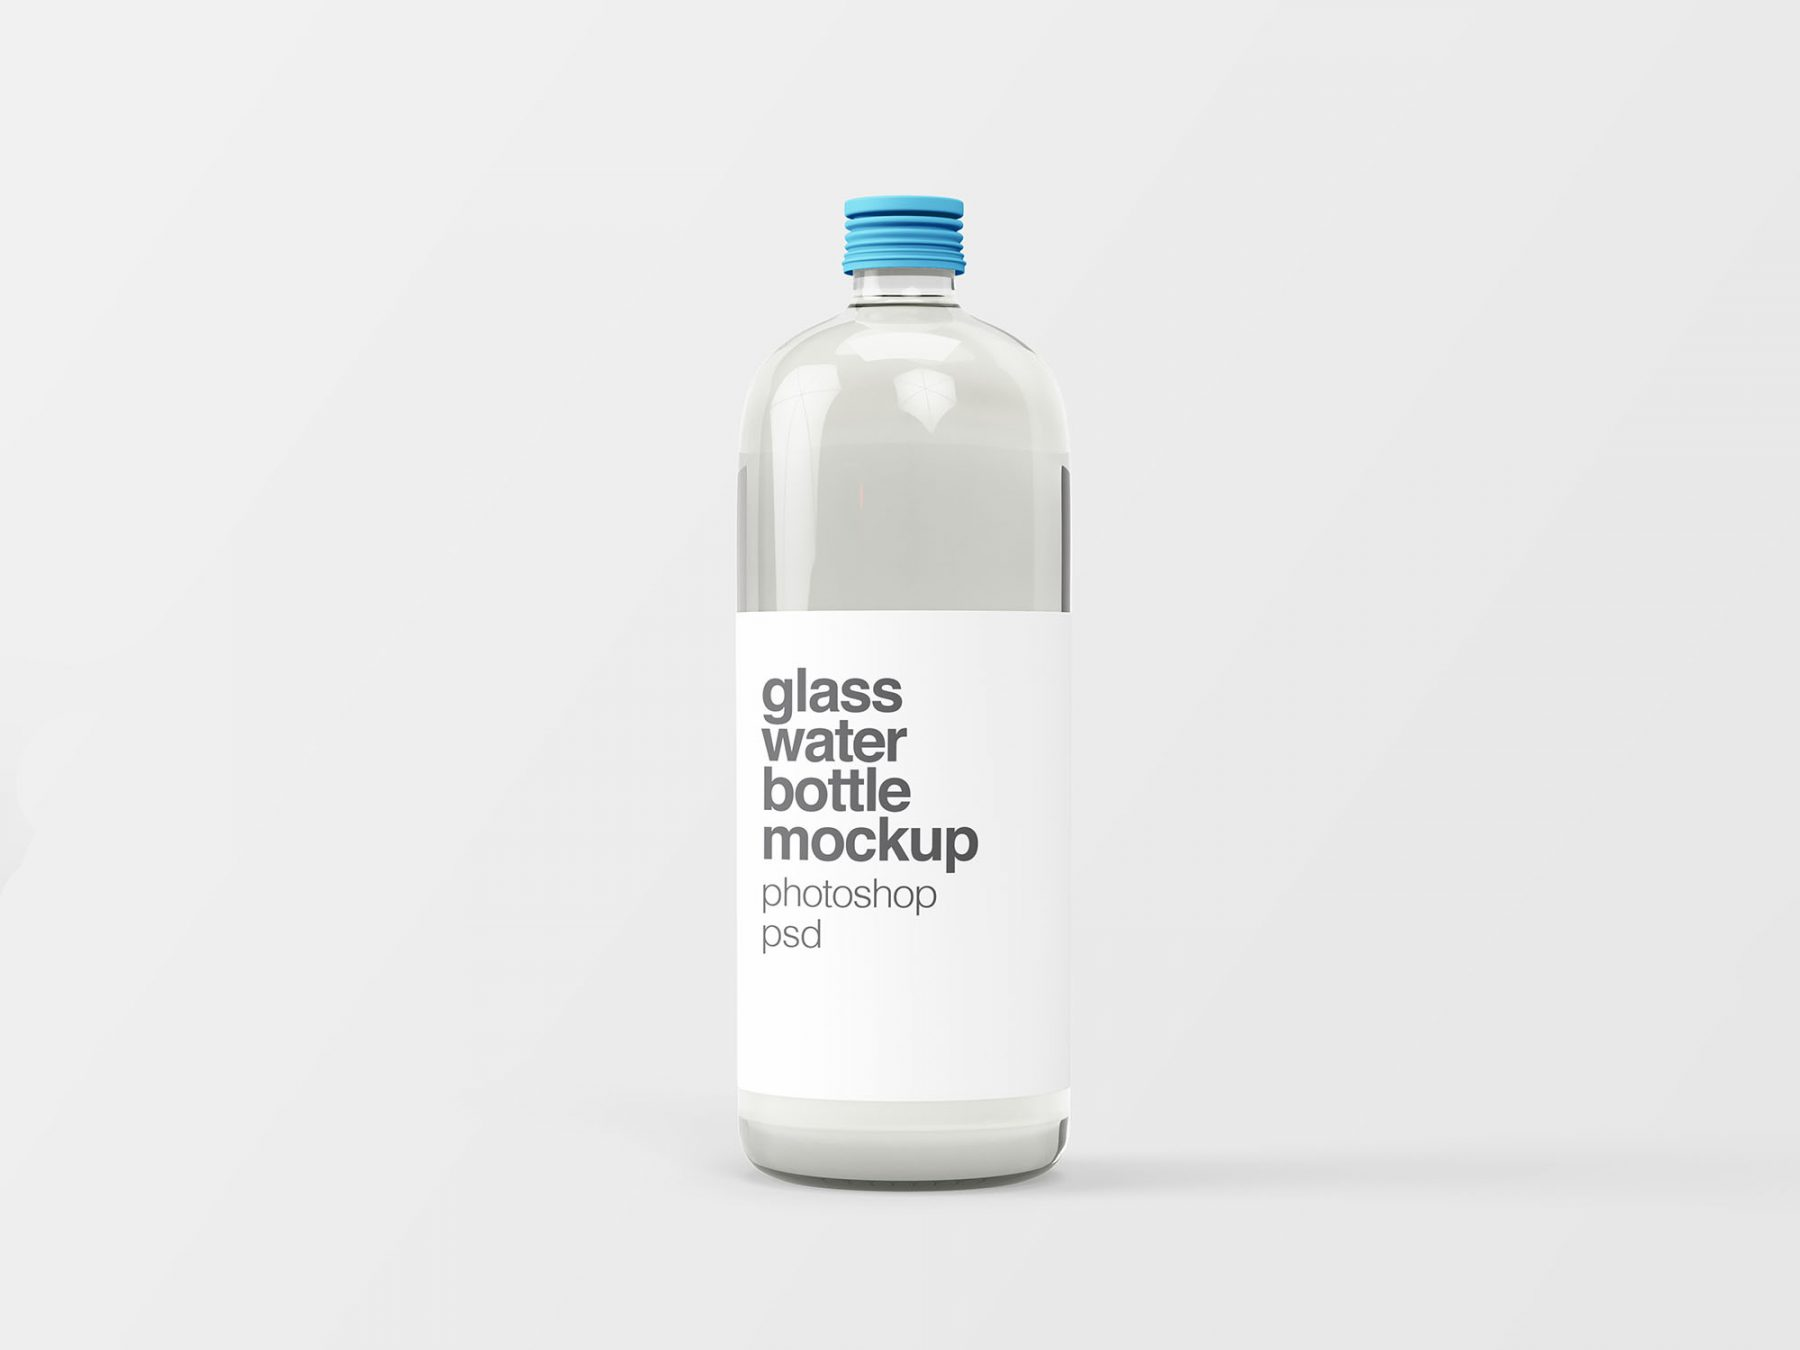 Free Glass Water Bottle Mockup